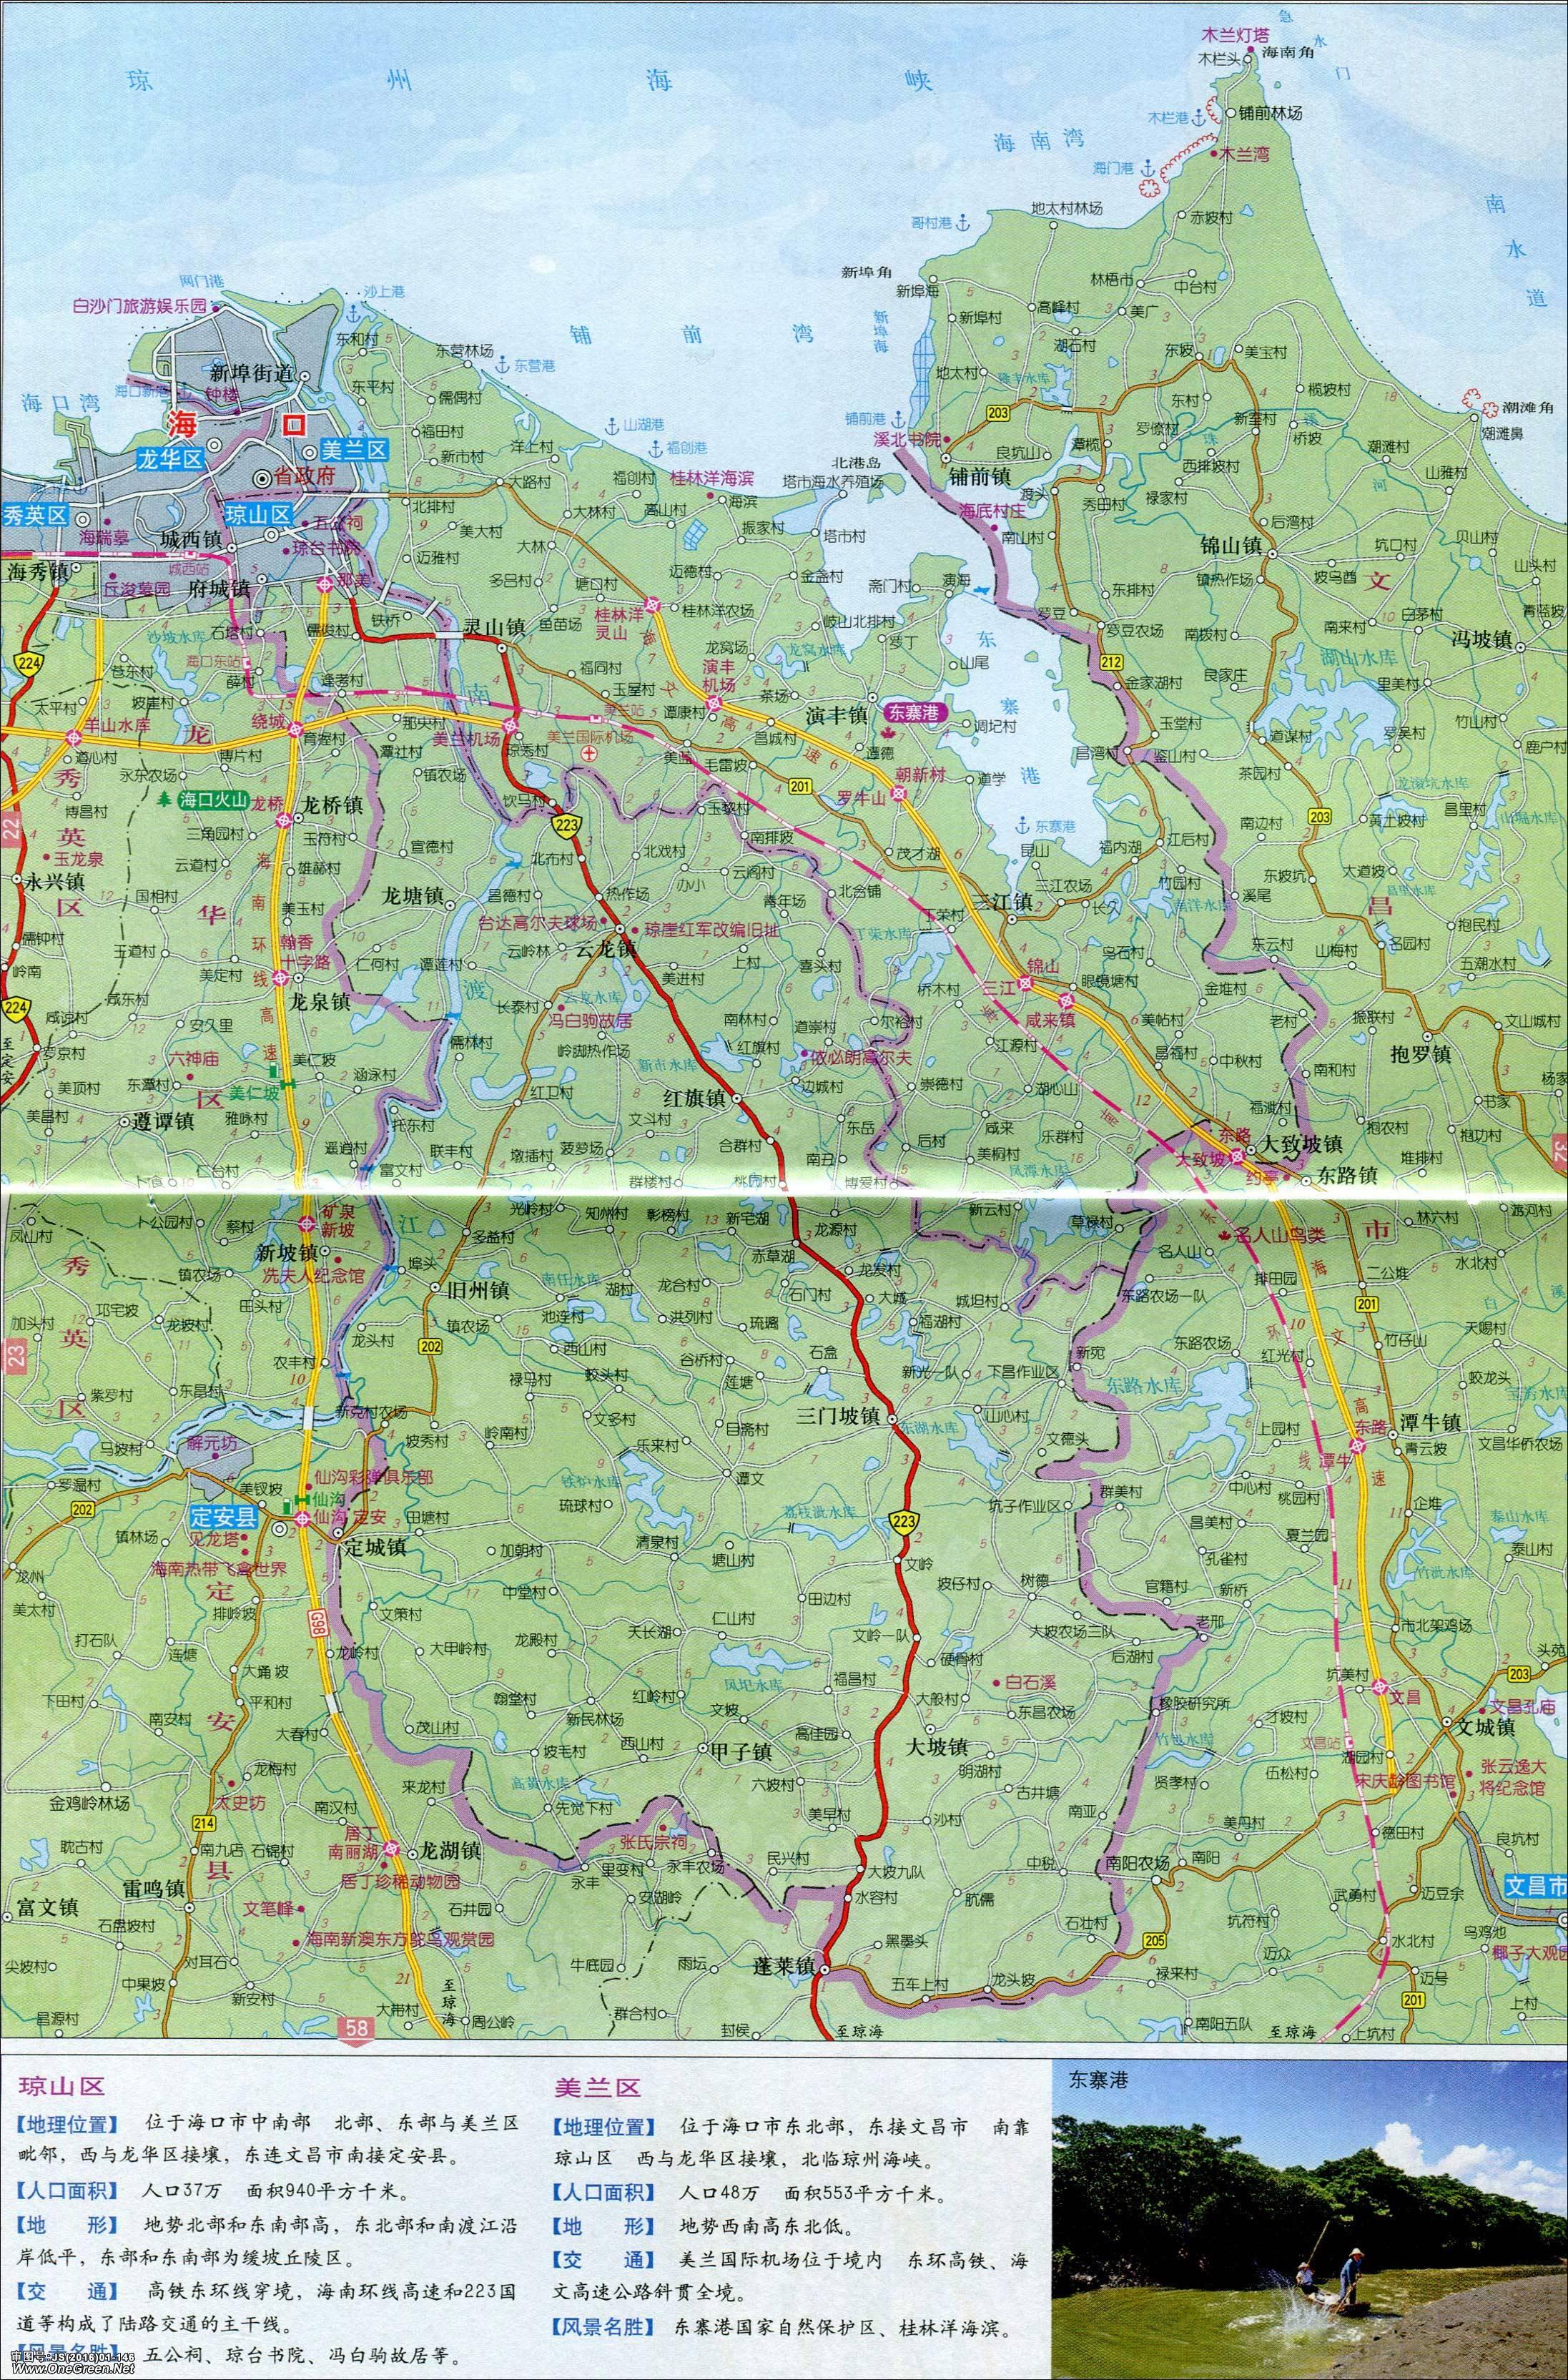 琼山区_美兰区地图_海口地图库_地图窝